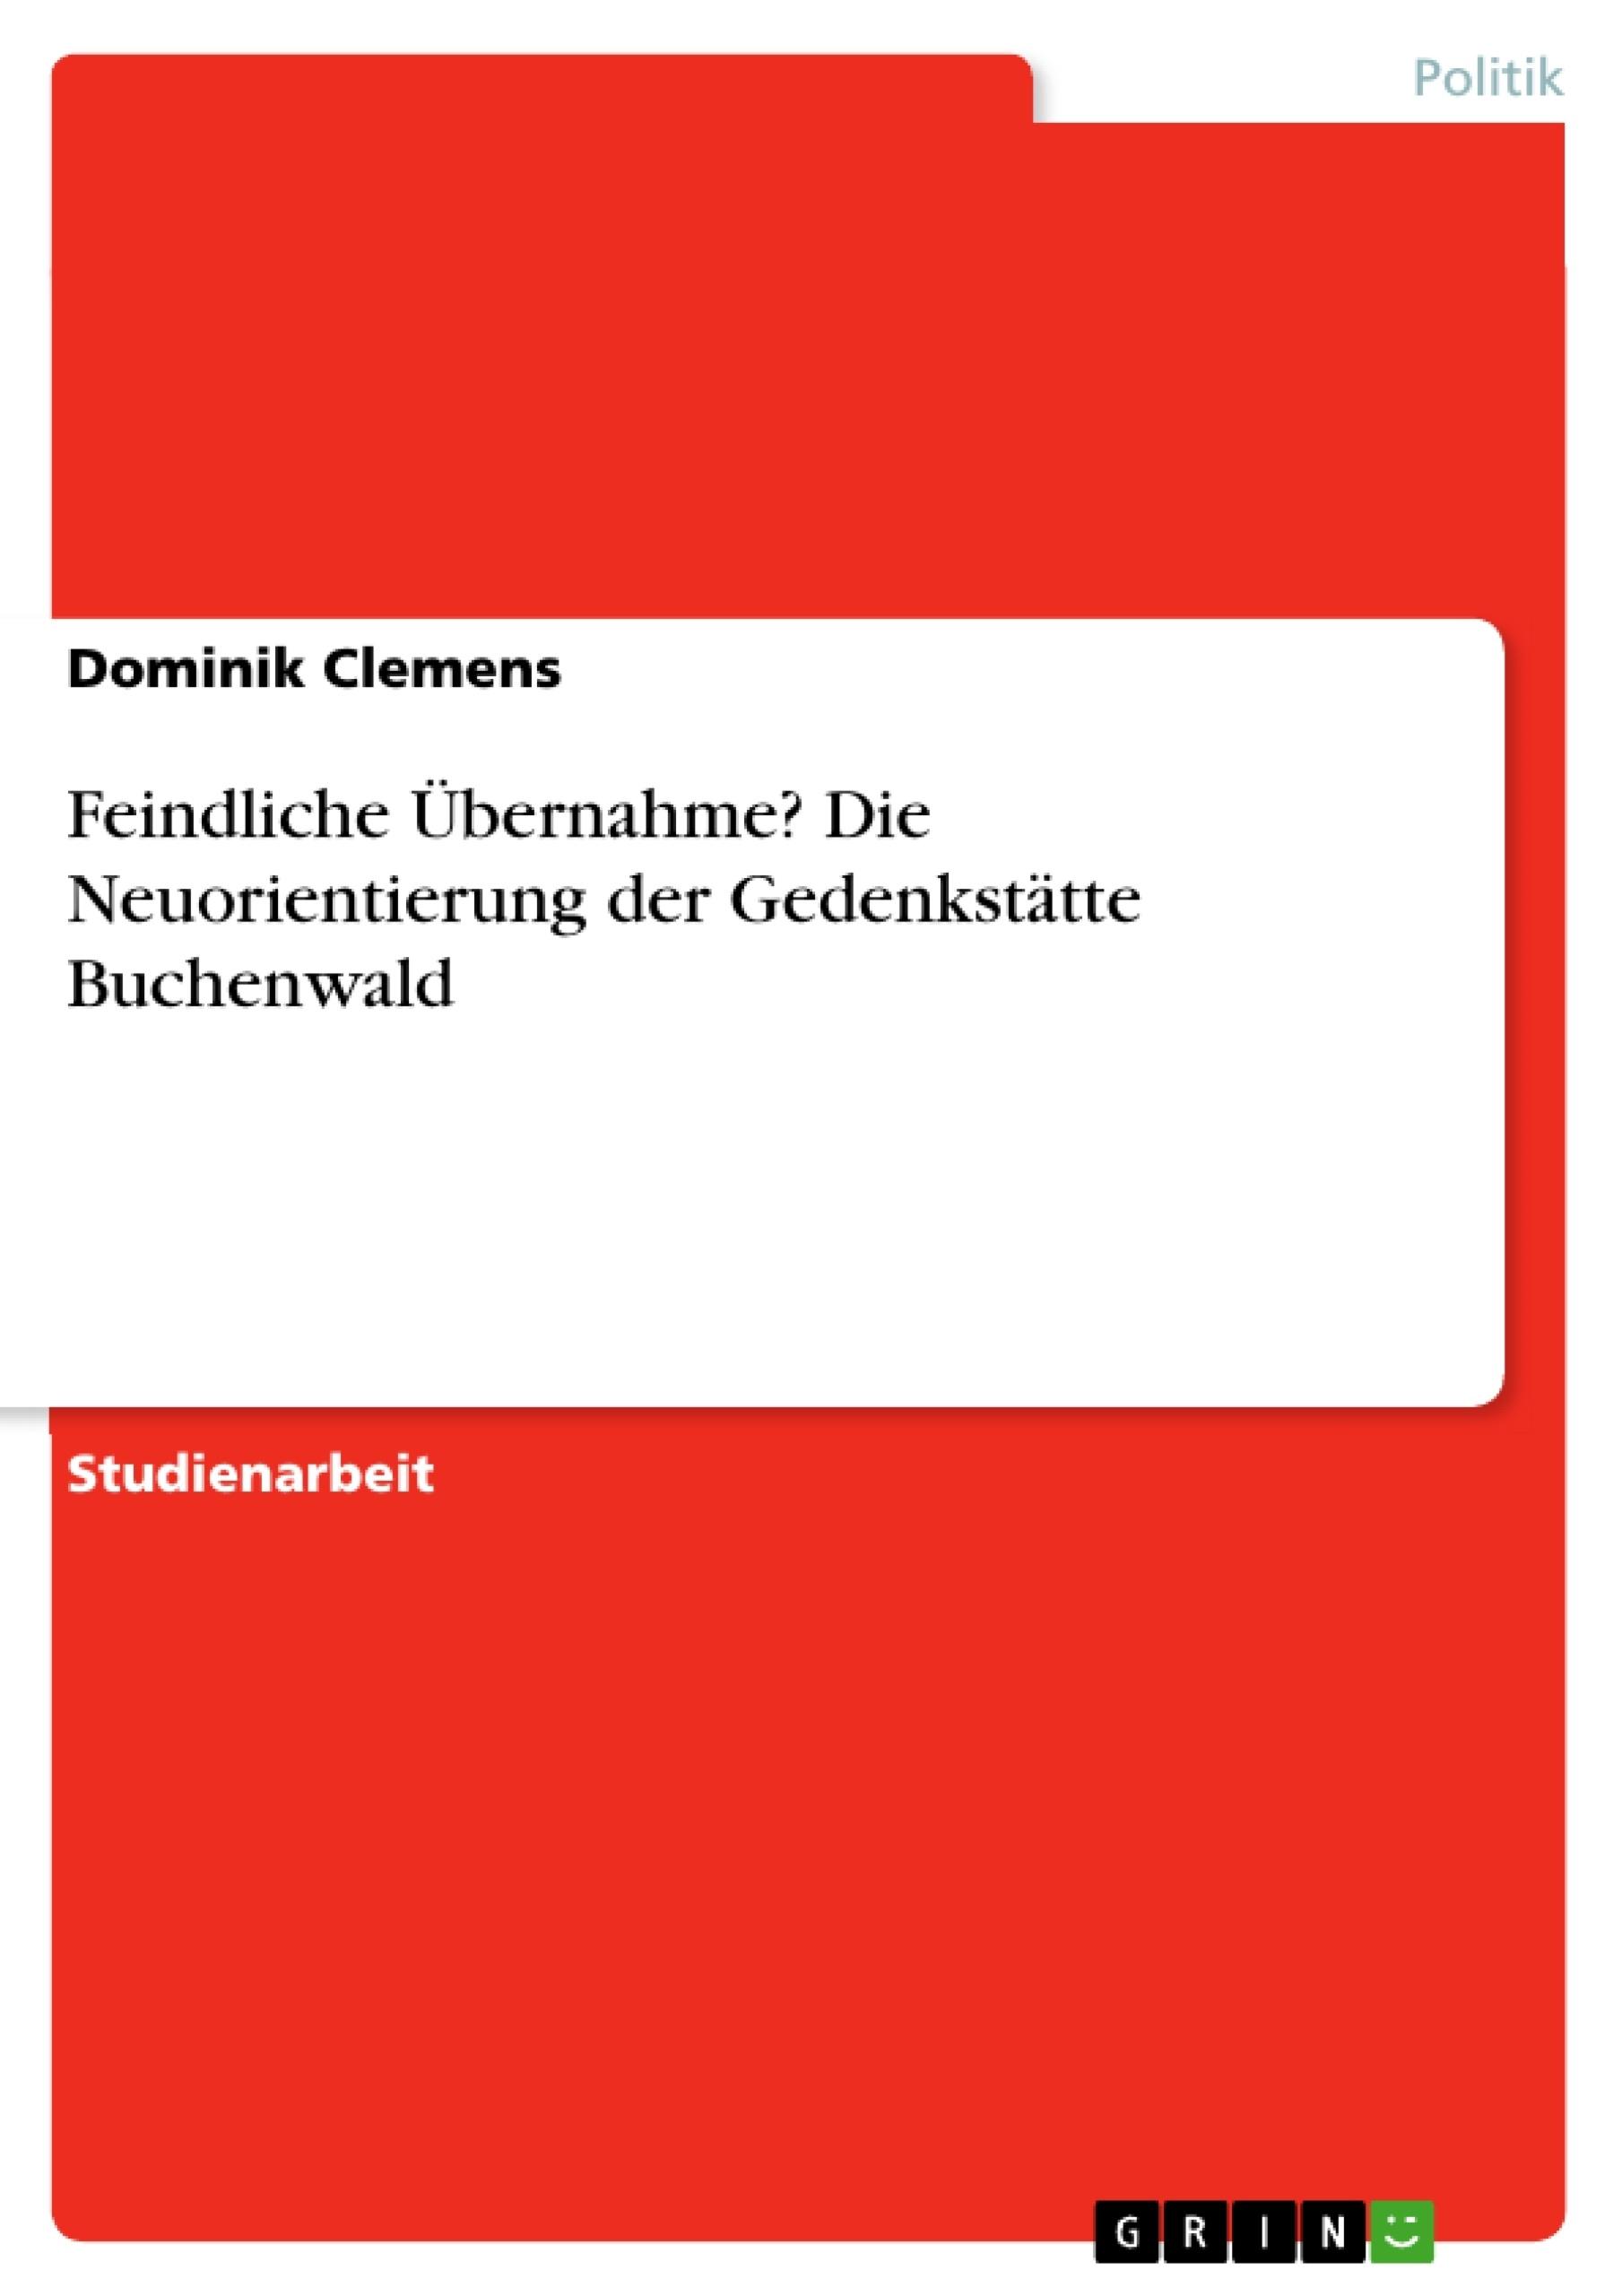 Titel: Feindliche Übernahme? Die Neuorientierung der Gedenkstätte Buchenwald